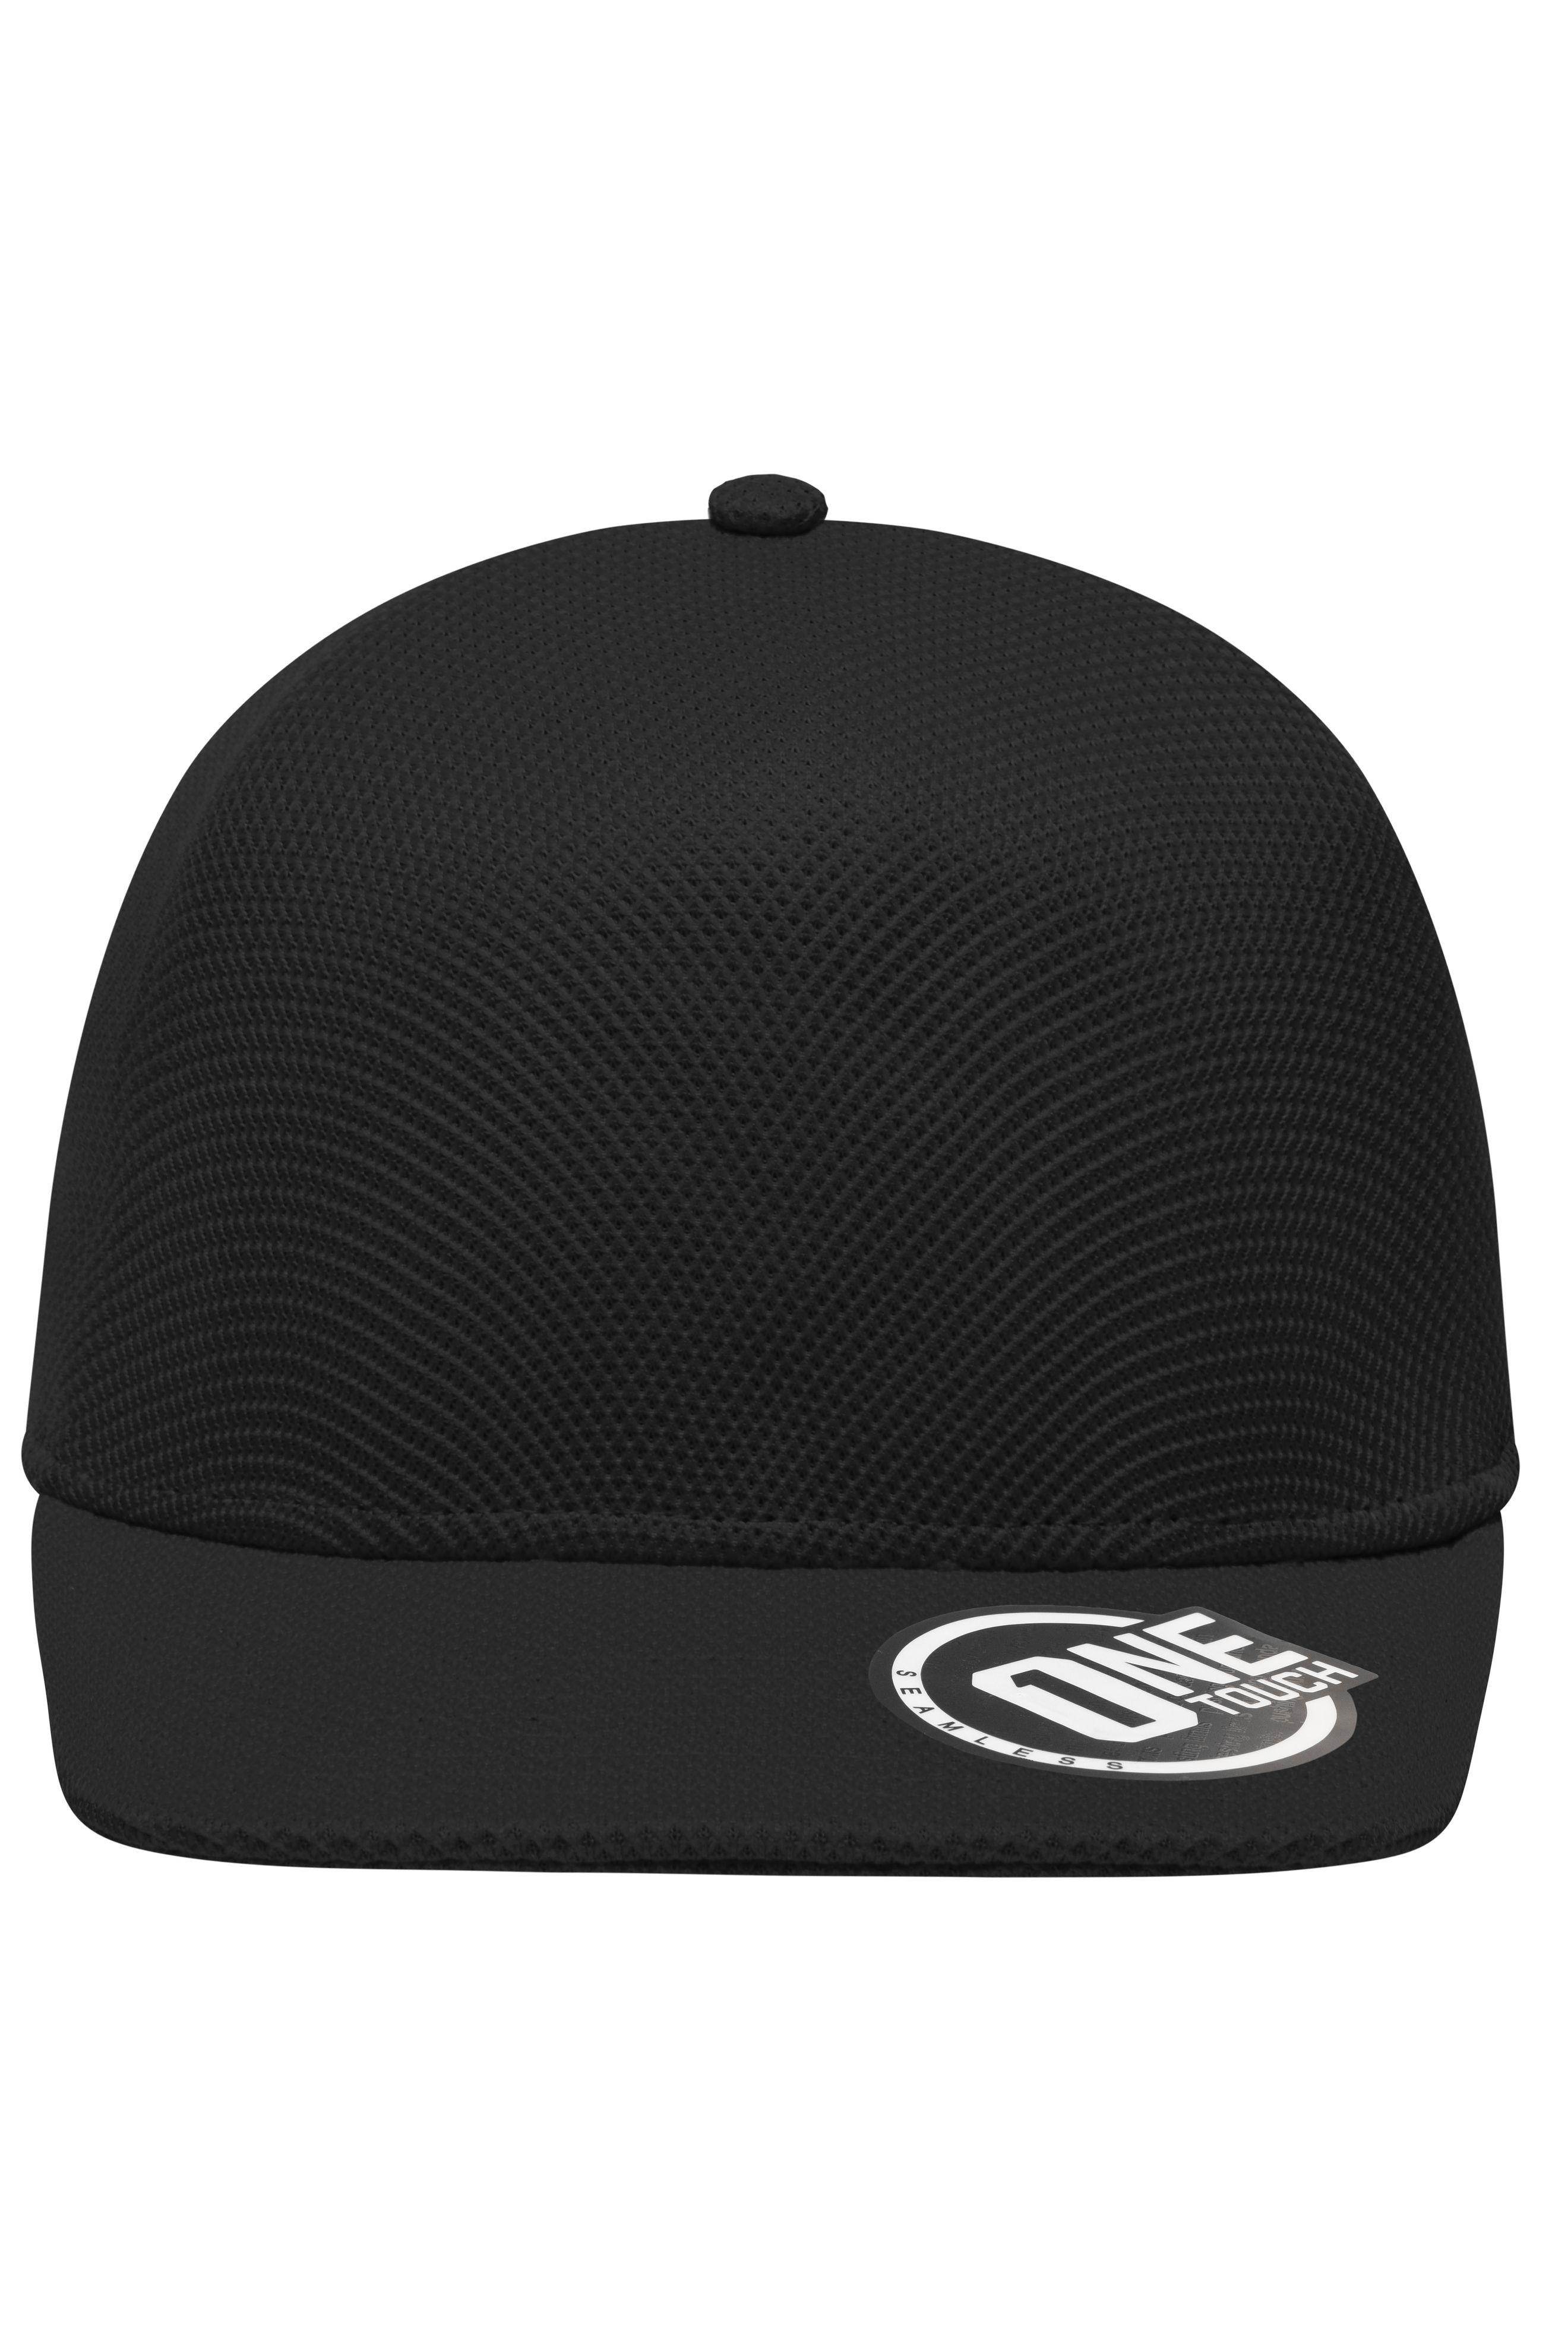 Hochwertige Cap mit nahtlos vorgeformtem Kopfbereich